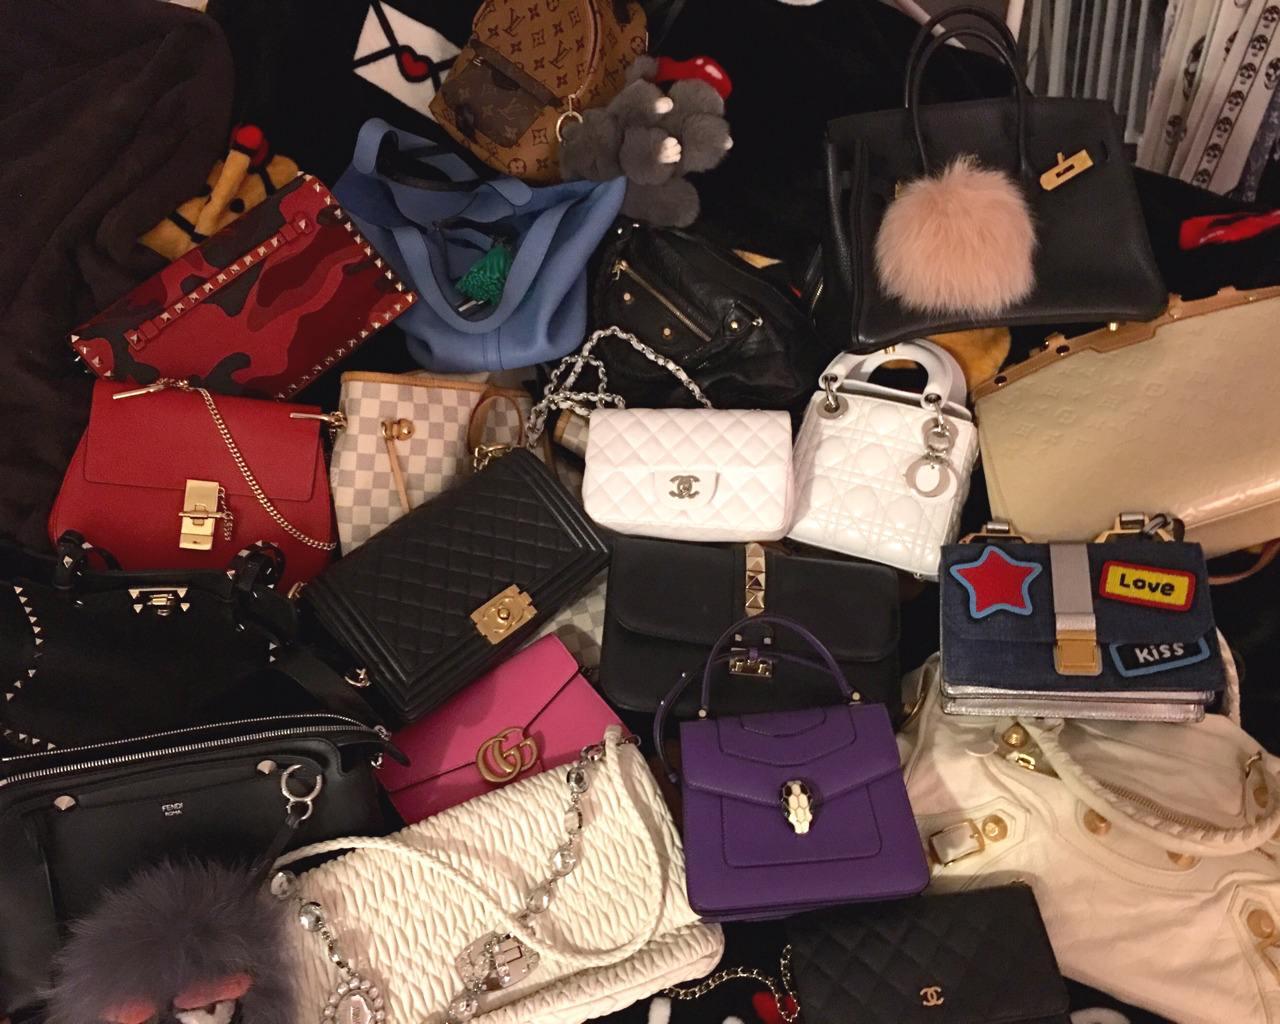 Incautados artículos falsos de Gucci y Chanel en Beijing